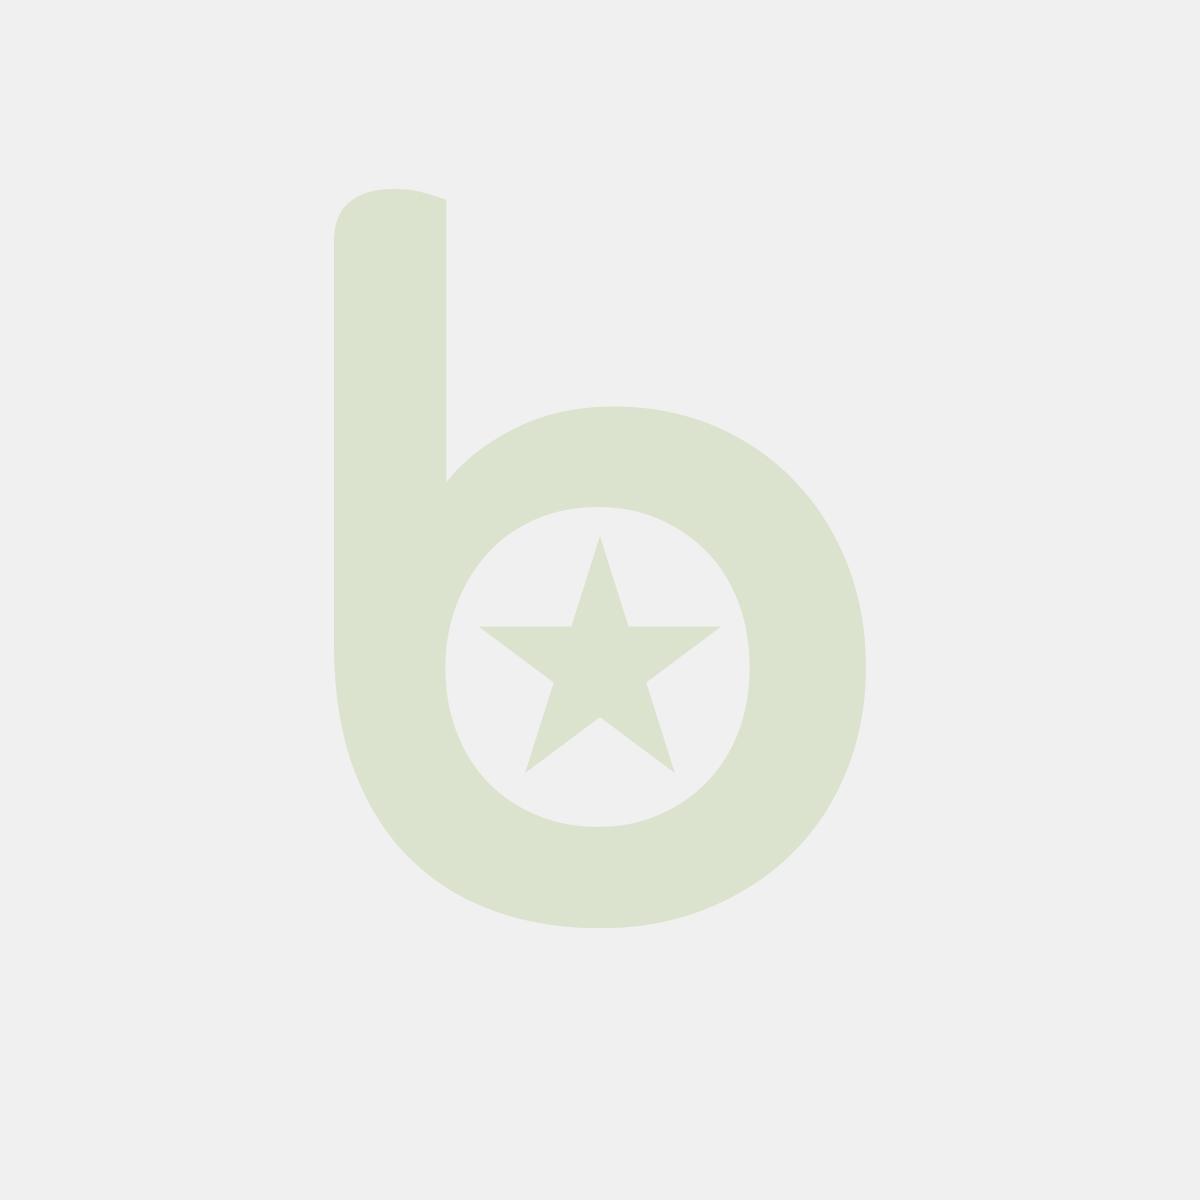 Płyta Grillowa Na Podstawie Z Trzech Stron Zamknięta, Elektryczna